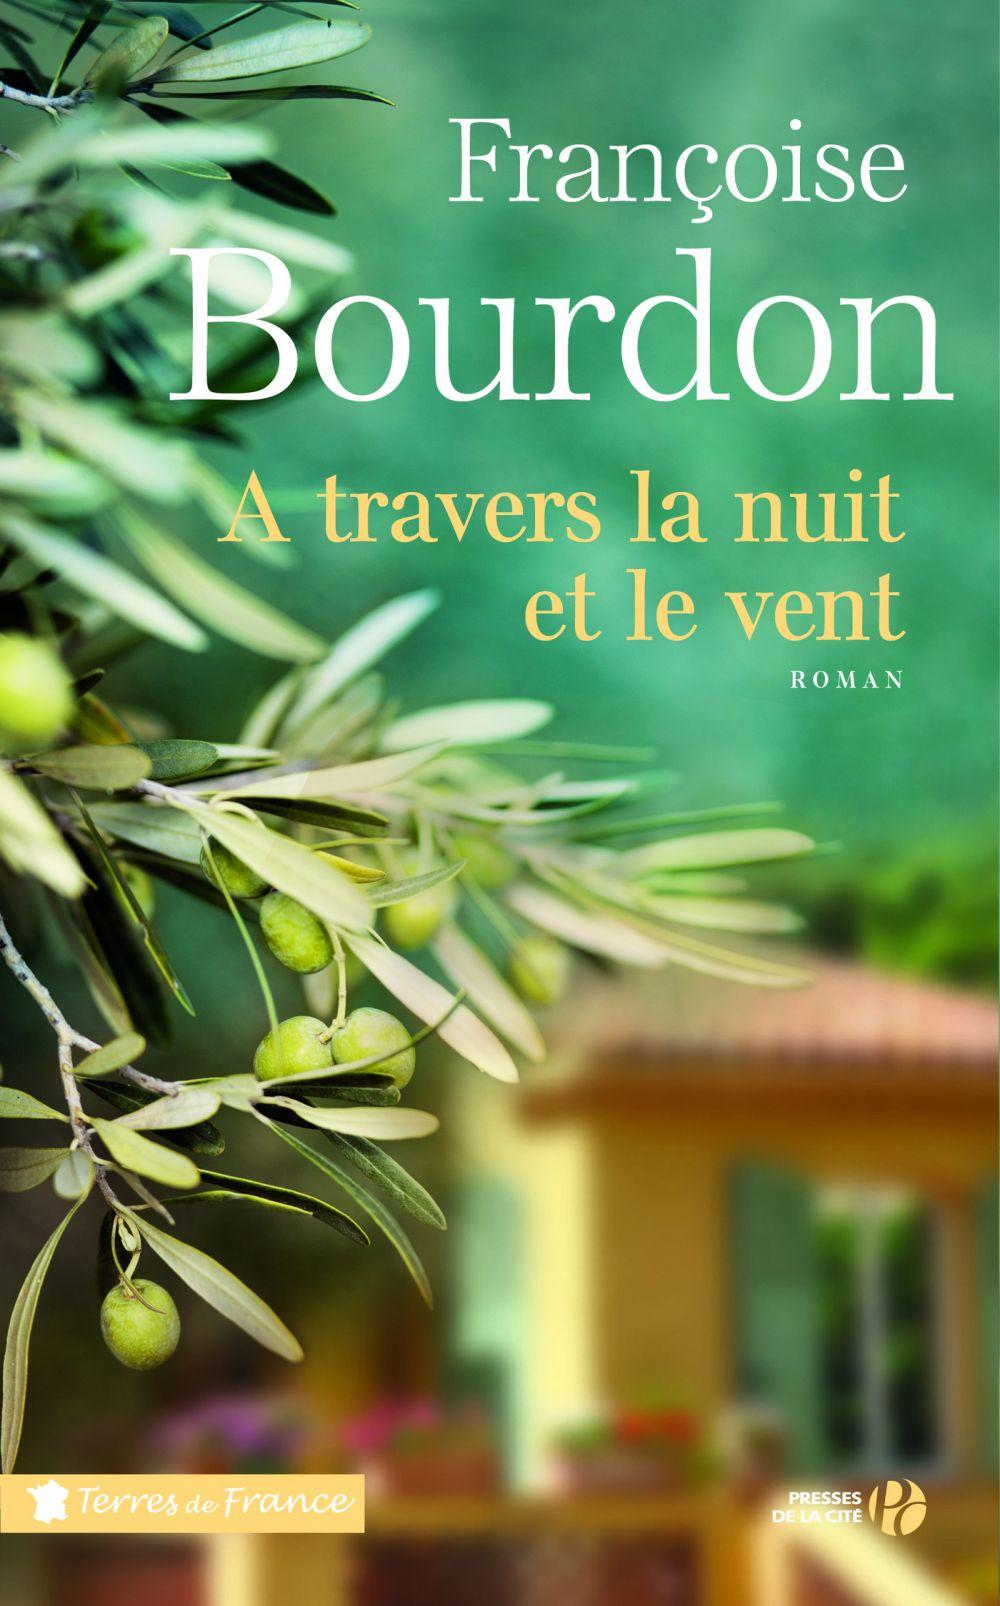 A travers la nuit et le vent | BOURDON, Françoise. Auteur